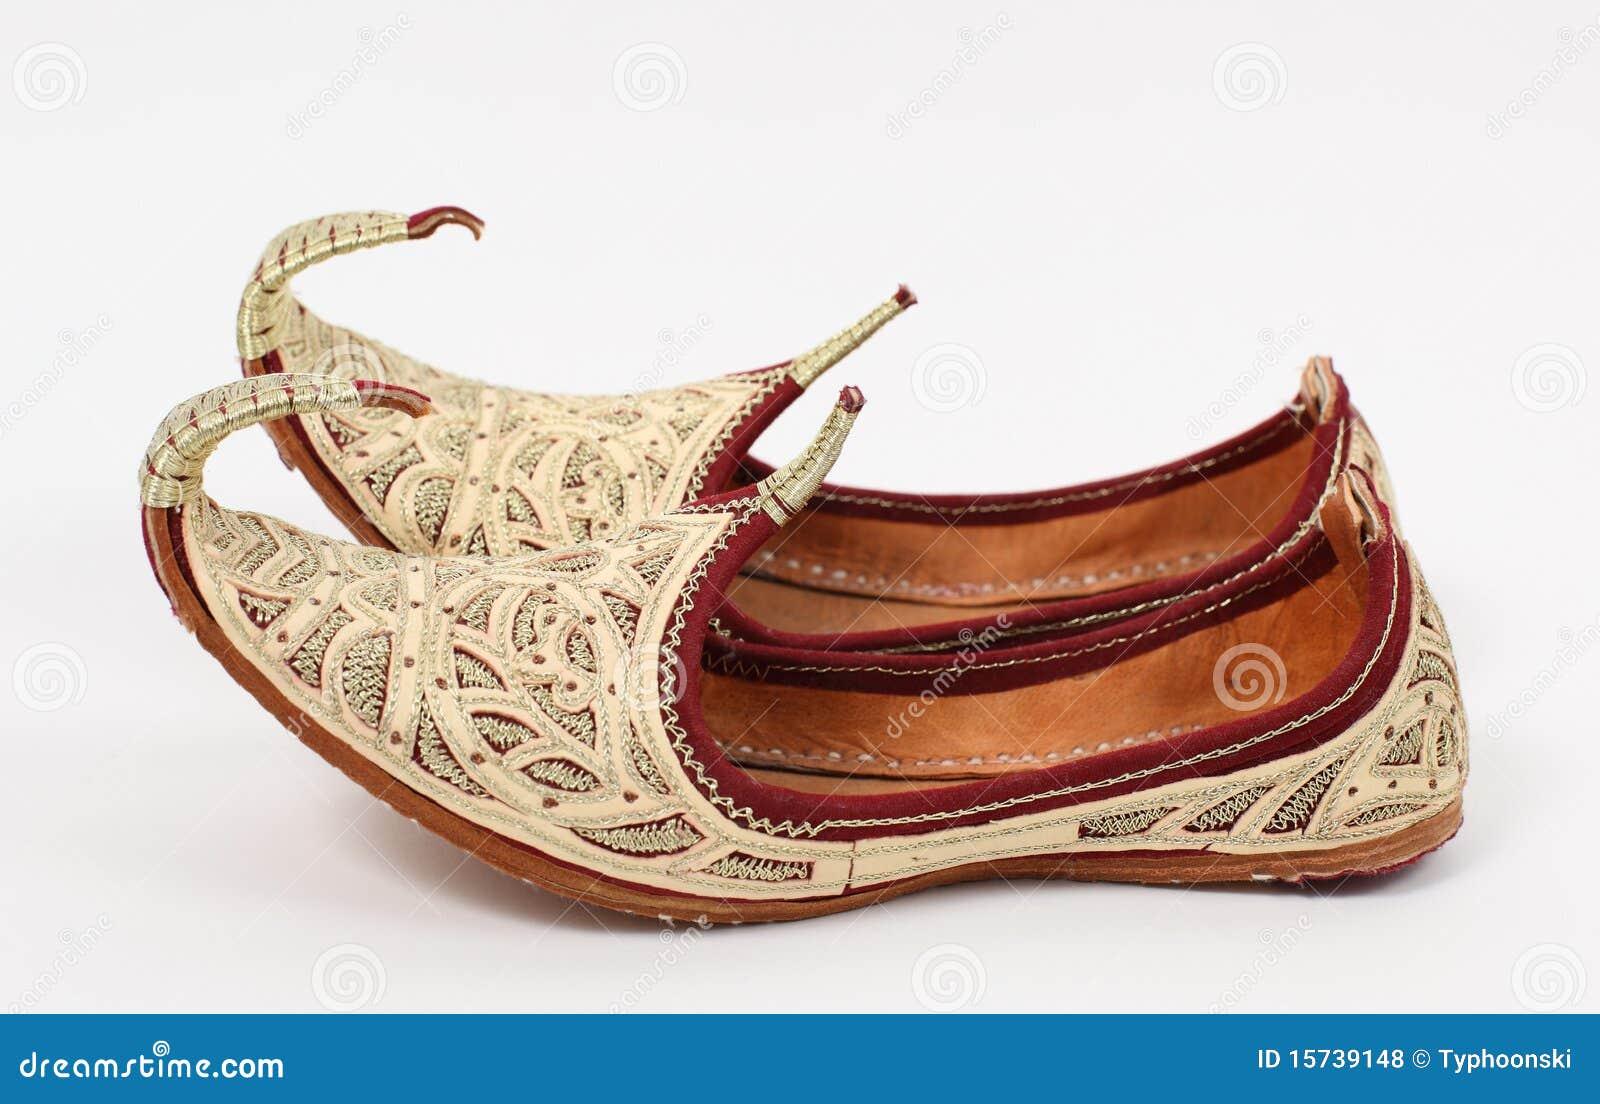 De Del Los La Comunes Imágenes Derechos Zapatos Árabes Zfb6wqax8 XO0PkNw8nZ